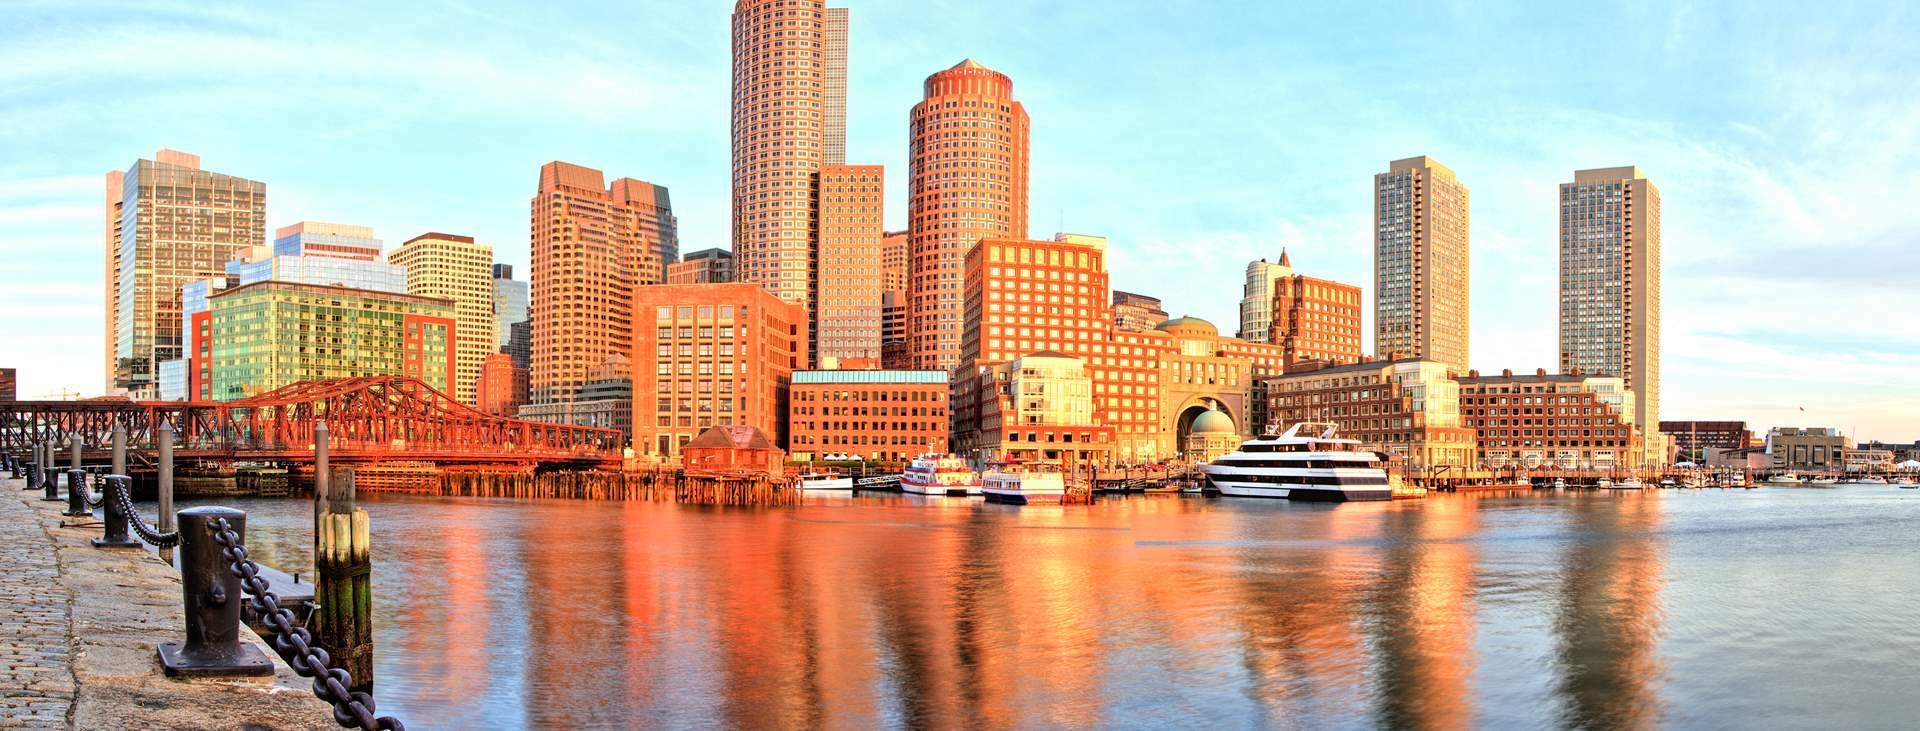 Boka en resa till Boston i USA med Ving